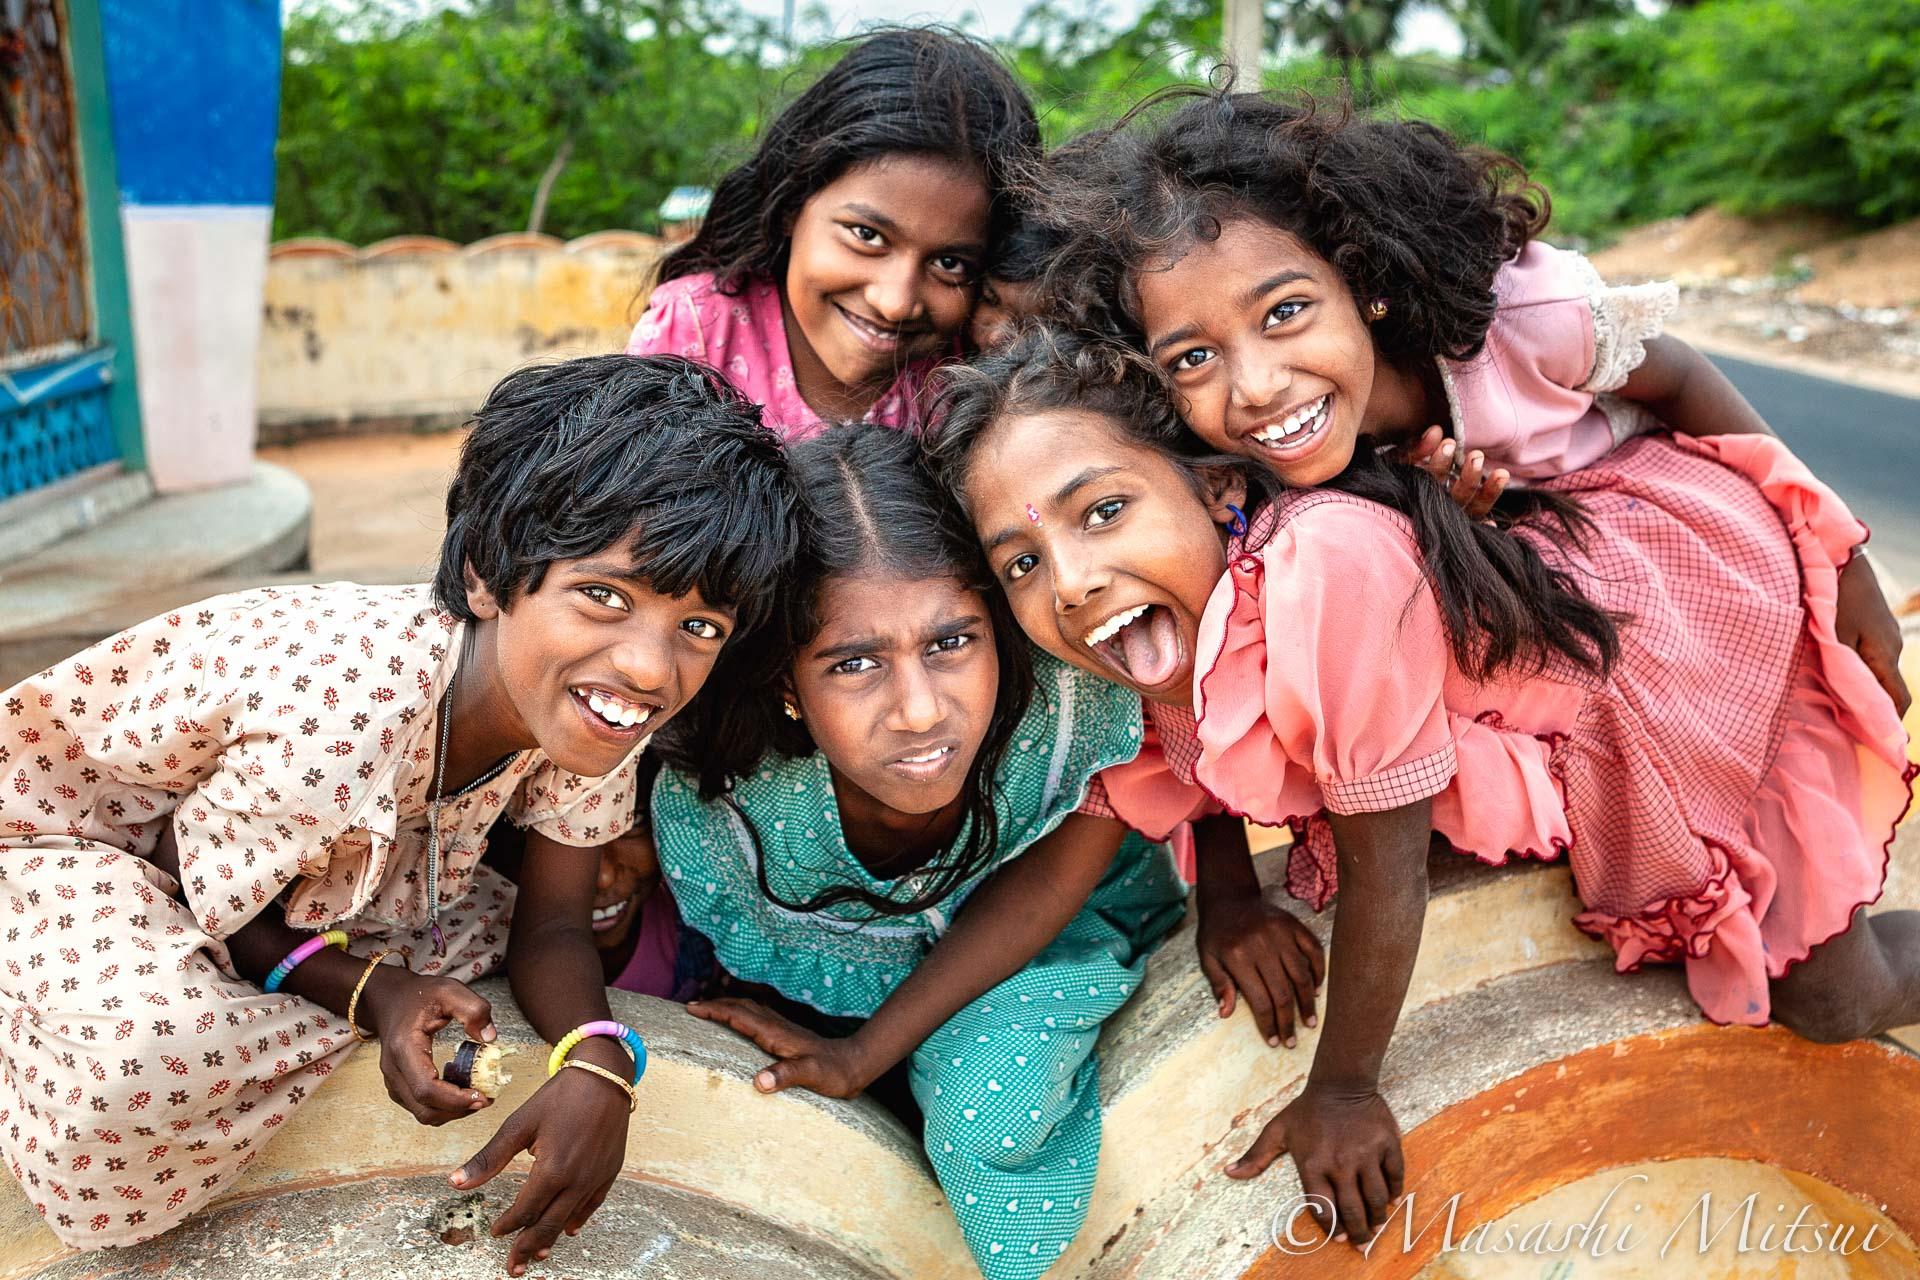 india0702-5495